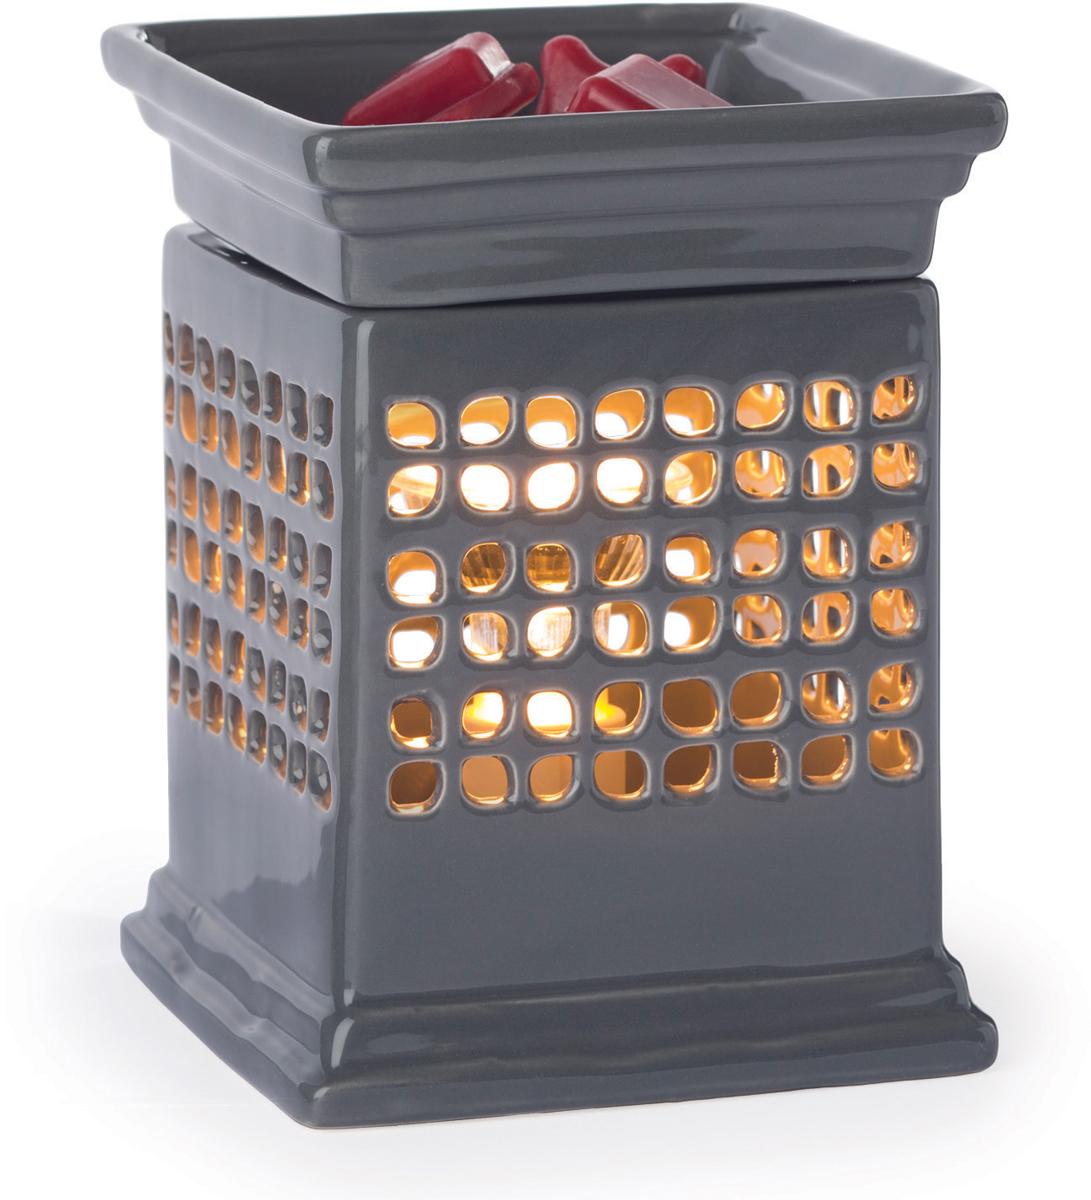 Аромалампа настольная Candle Warmers Куб / Quadra, цвет: серыйSWQDRАромасветильник настольный Candle Warmers. Красивый светильник, с помощью которого можно не только создать уютную атмосферу, но и ароматизировать помещение. Для ароматизации, просто добавьте воск, включите, и наслаждайтесь вашим любимым ароматом в комнате. Аромасветильник в стиле куб, темно-серых теплых оттенков с вырезанными узорами четырехлистника.